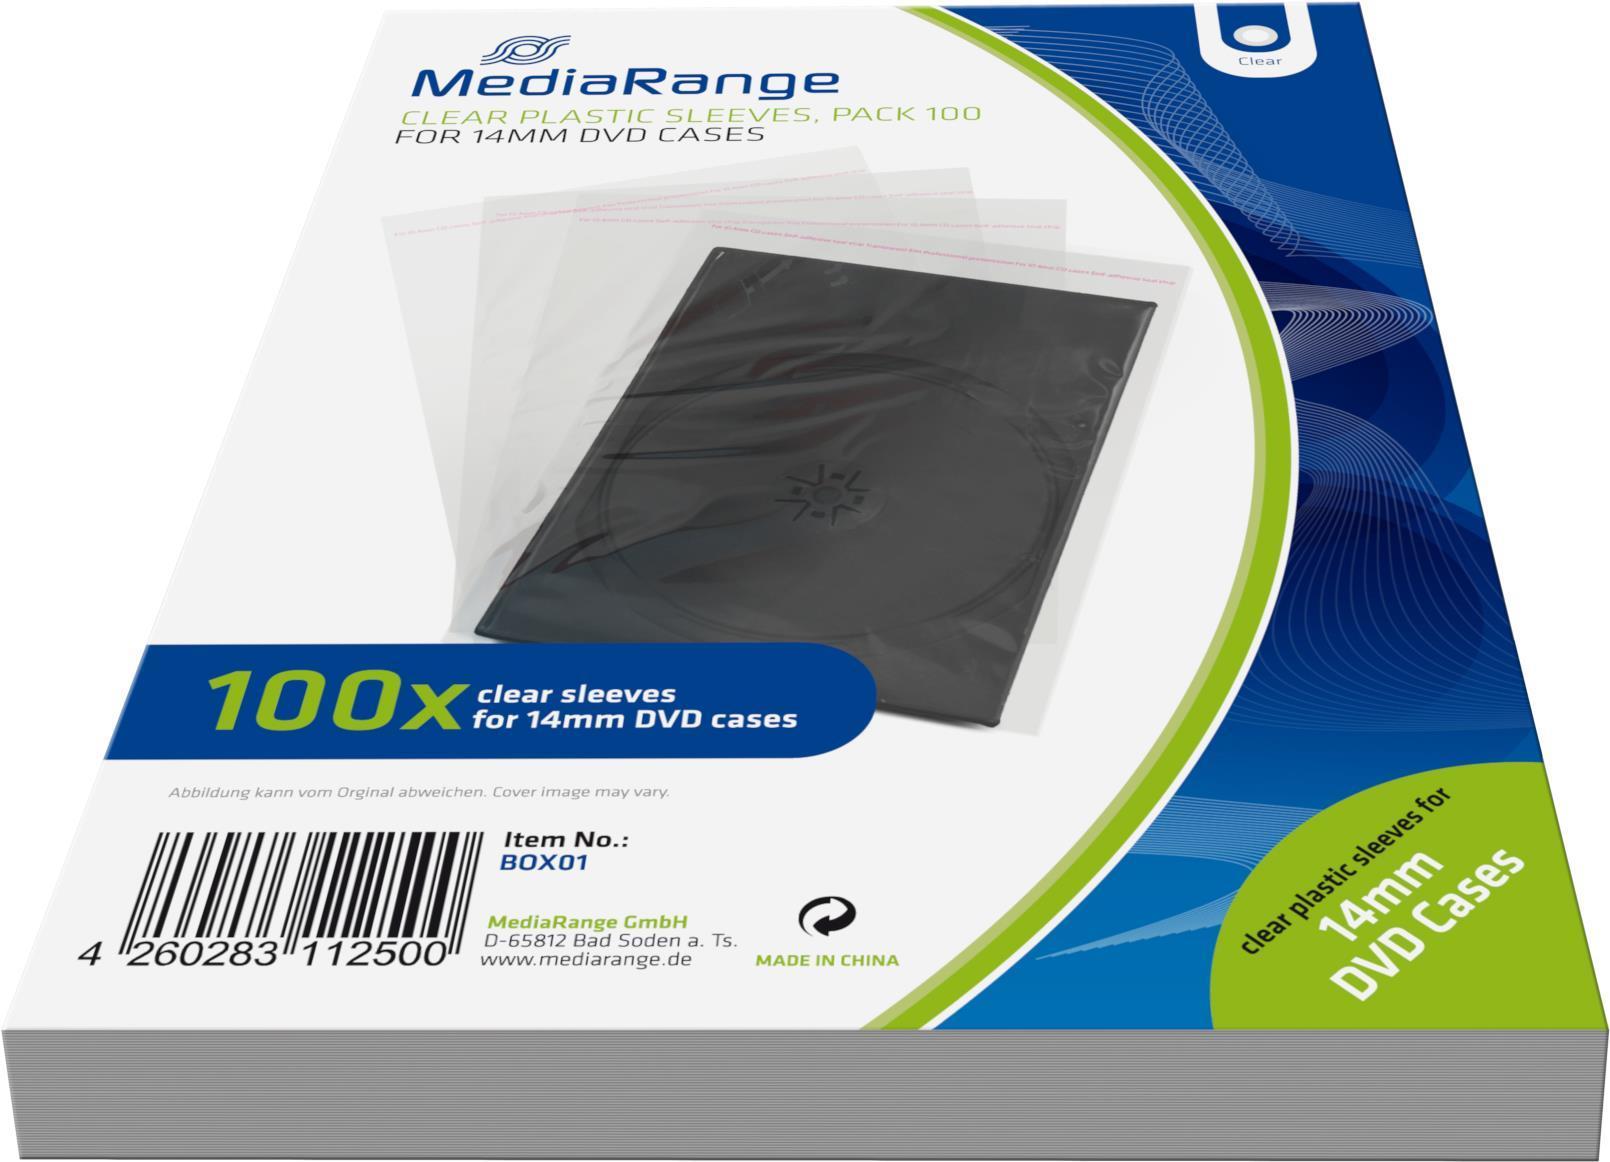 MediaRange Zubehör CD-/DVD-Rohlinge Notebook-Hülle 1Disks Transparent (BOX01)